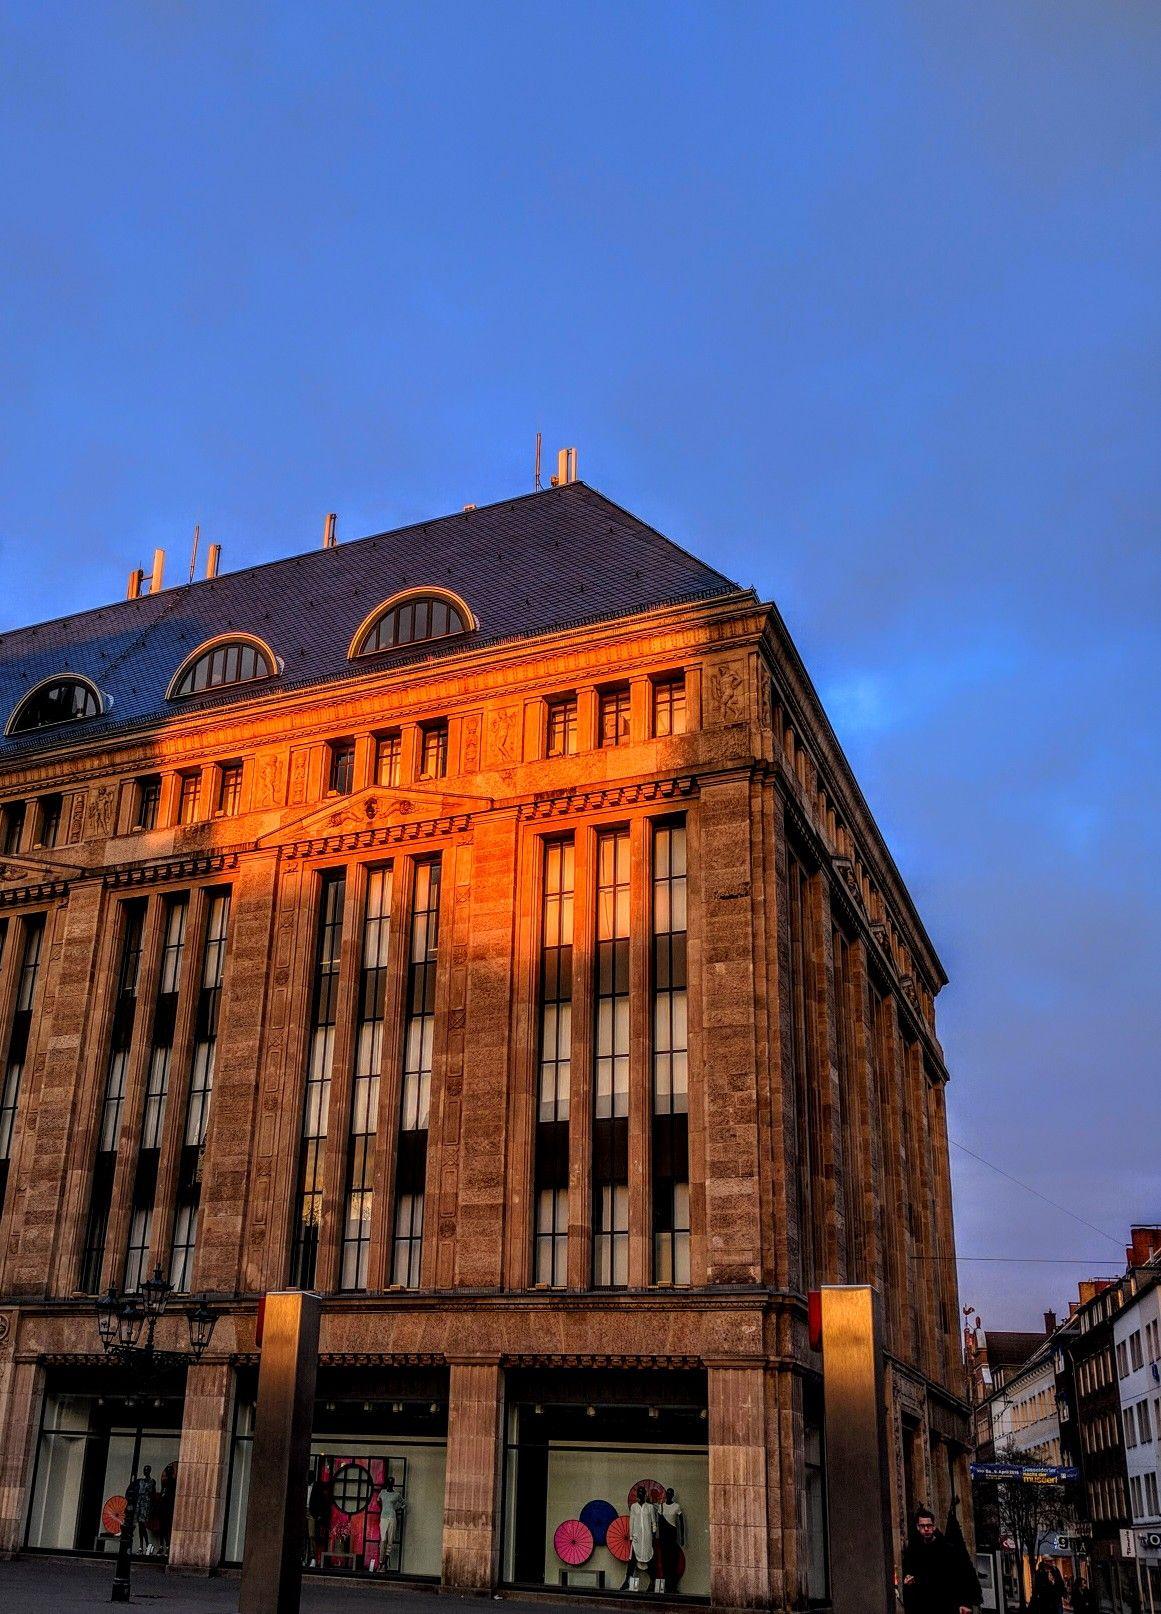 Morgens Um Halb Sechs Am Heinrich Heine Platz Dusseldorf